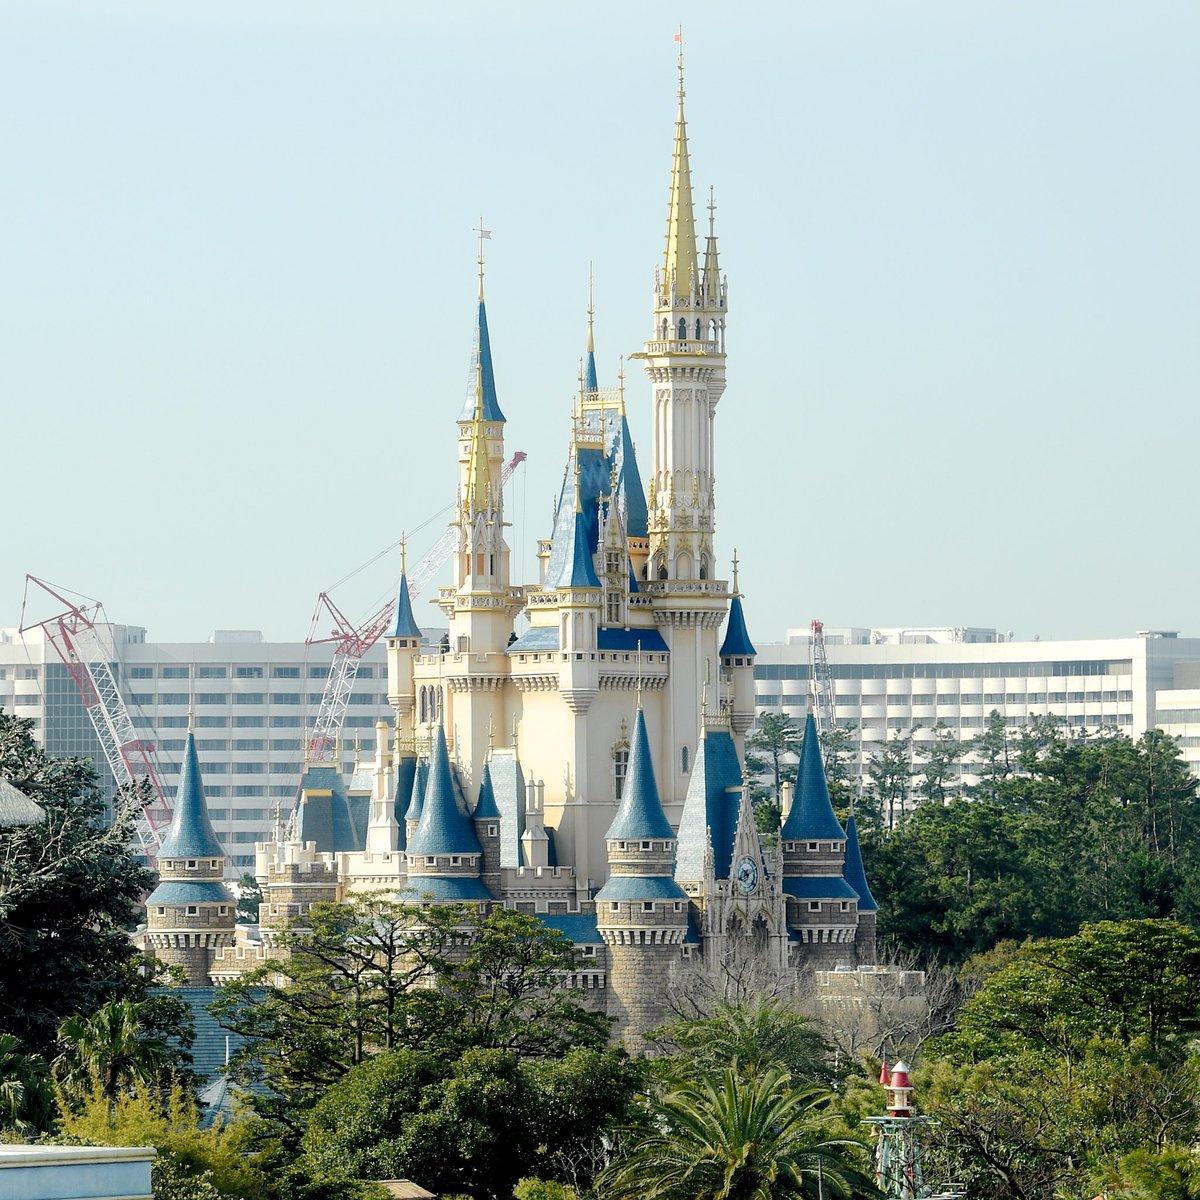 東京ディズニーランド、東京ディズニーシー、両パークの臨時休園期間延長が発表されました。4月20日以降再開予定を再度延長し、再開については5月中旬に判断。東京ディズニーランド大規模開発エリアの開業も両パーク再開後にあらためて決定し発表されます。